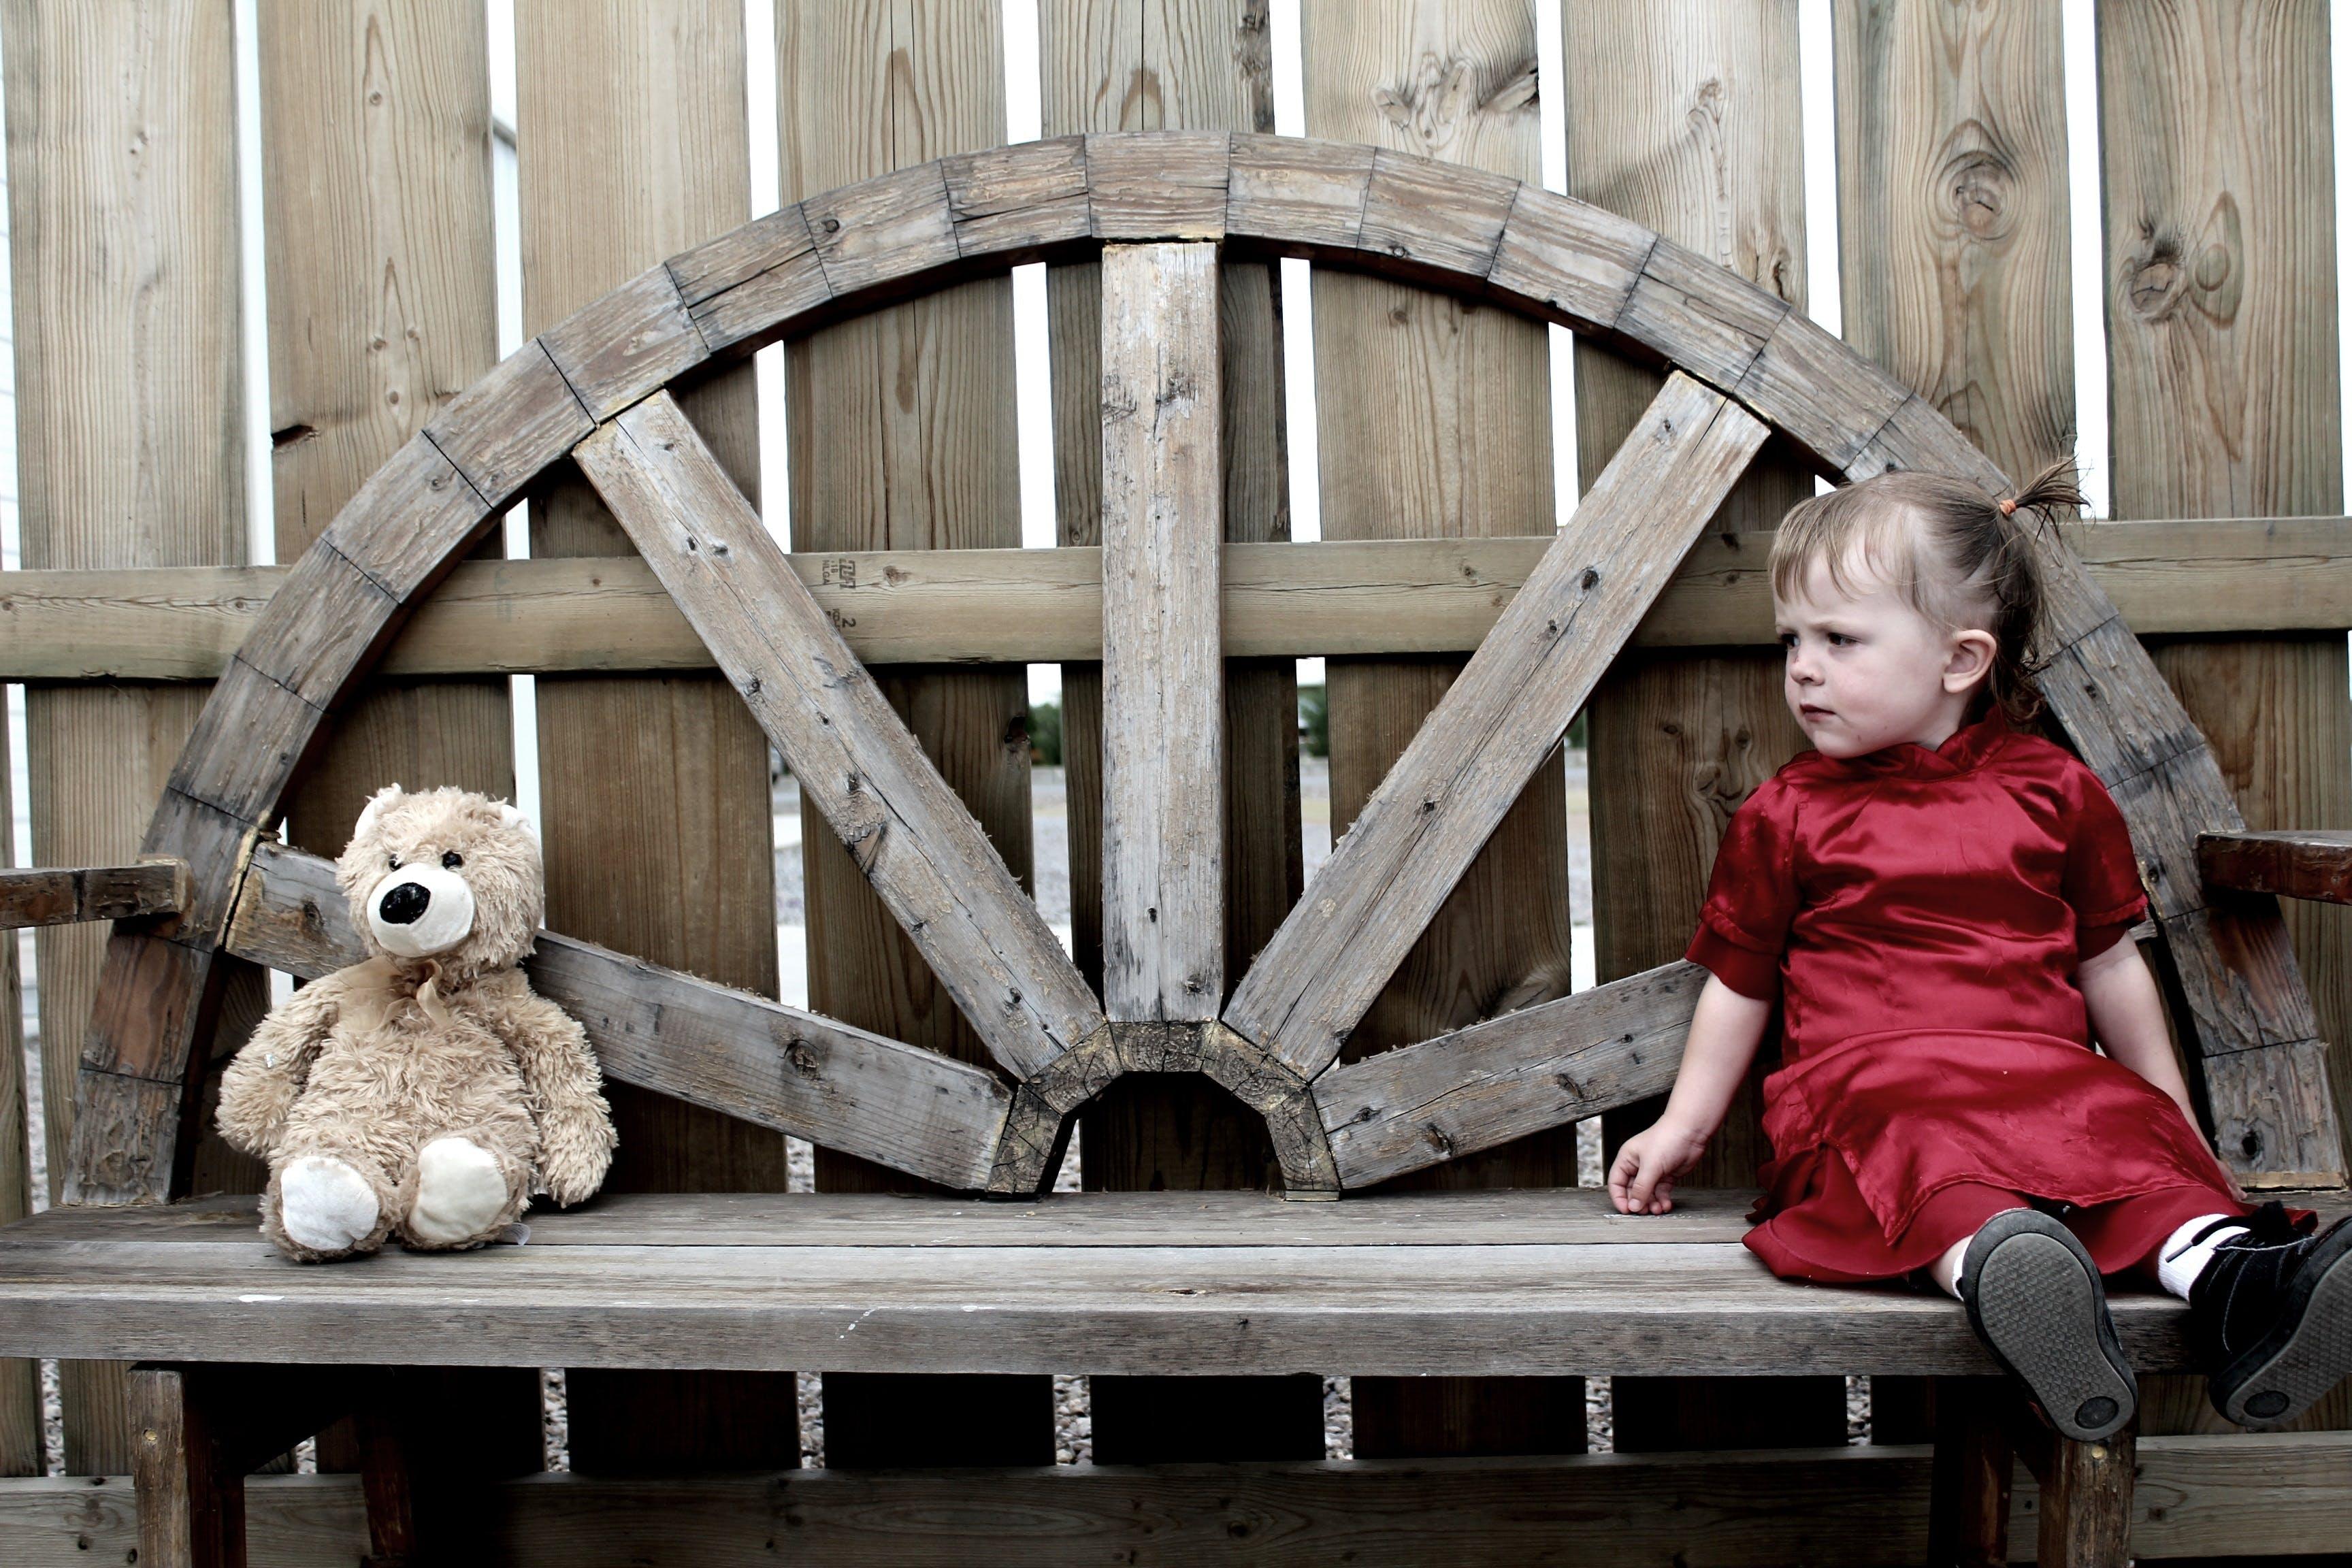 Gratis lagerfoto af bamse, barn, bænk, kjole